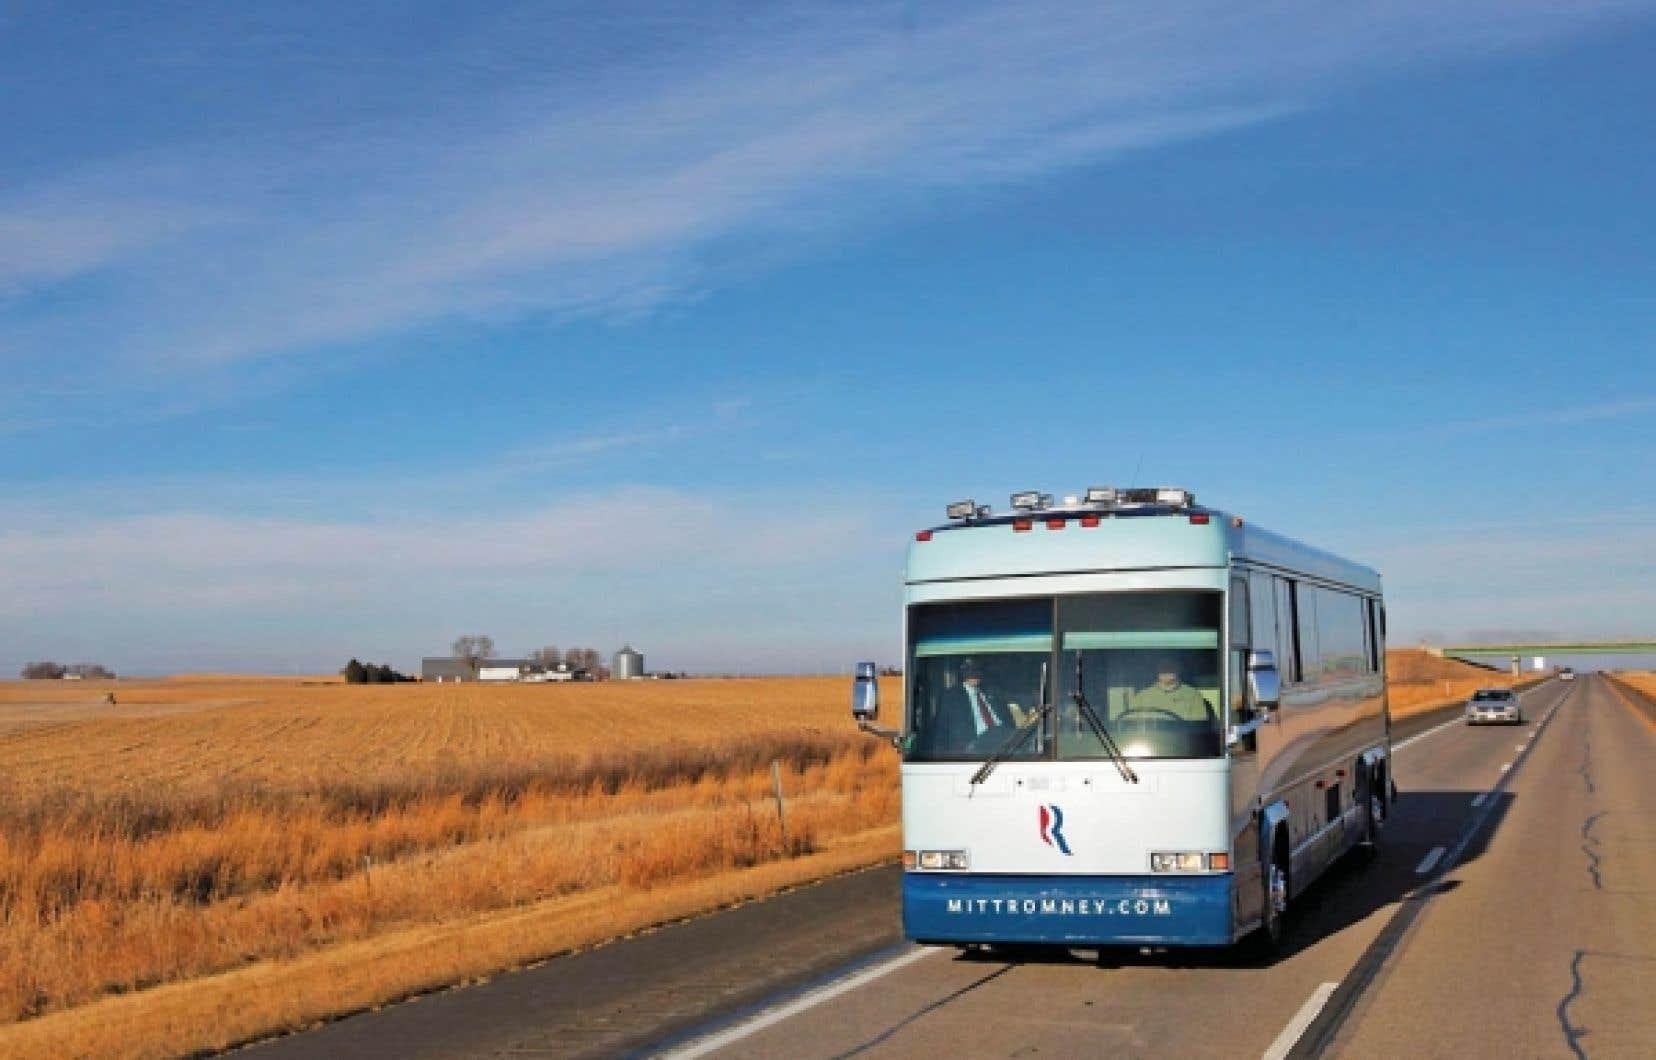 Le vote qui se d&eacute;roulera mardi dans l&rsquo;Iowa est un symbole que les m&eacute;dias et les fa&ccedil;onneurs d&rsquo;image magnifient.<br />